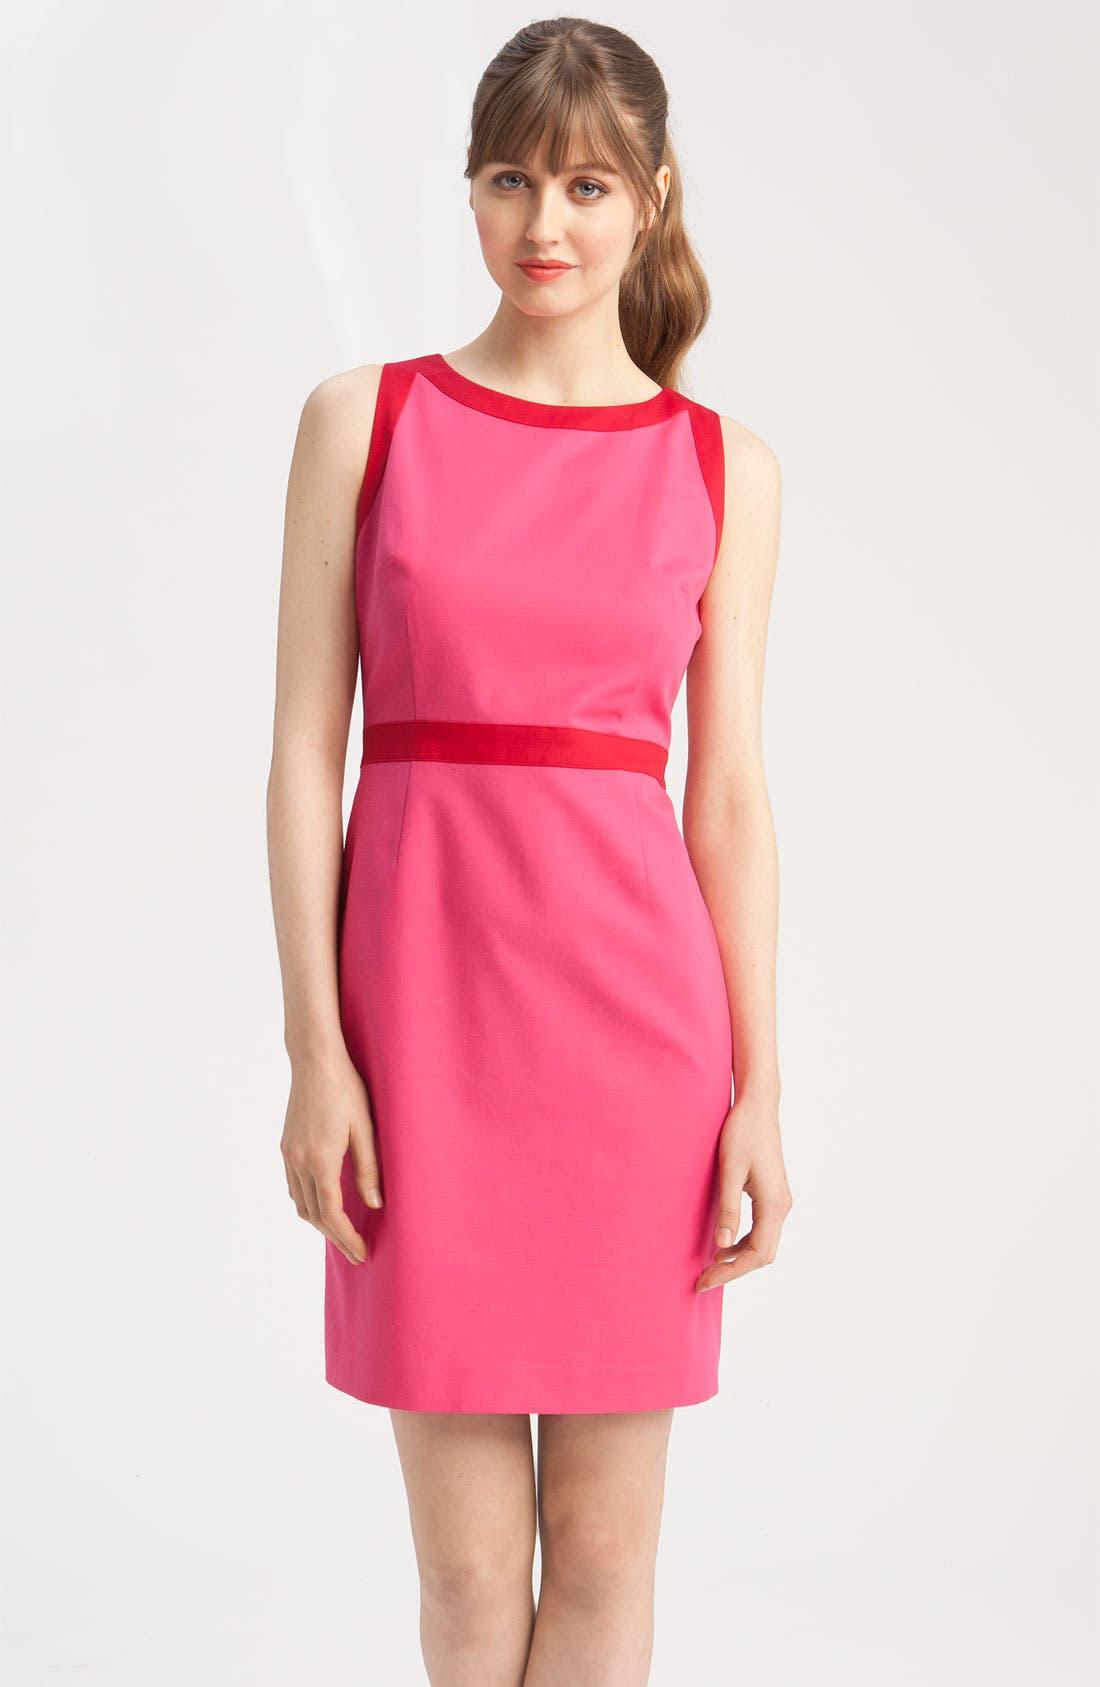 Alternate Image 1 Selected - T Tahari 'Anita' Dress